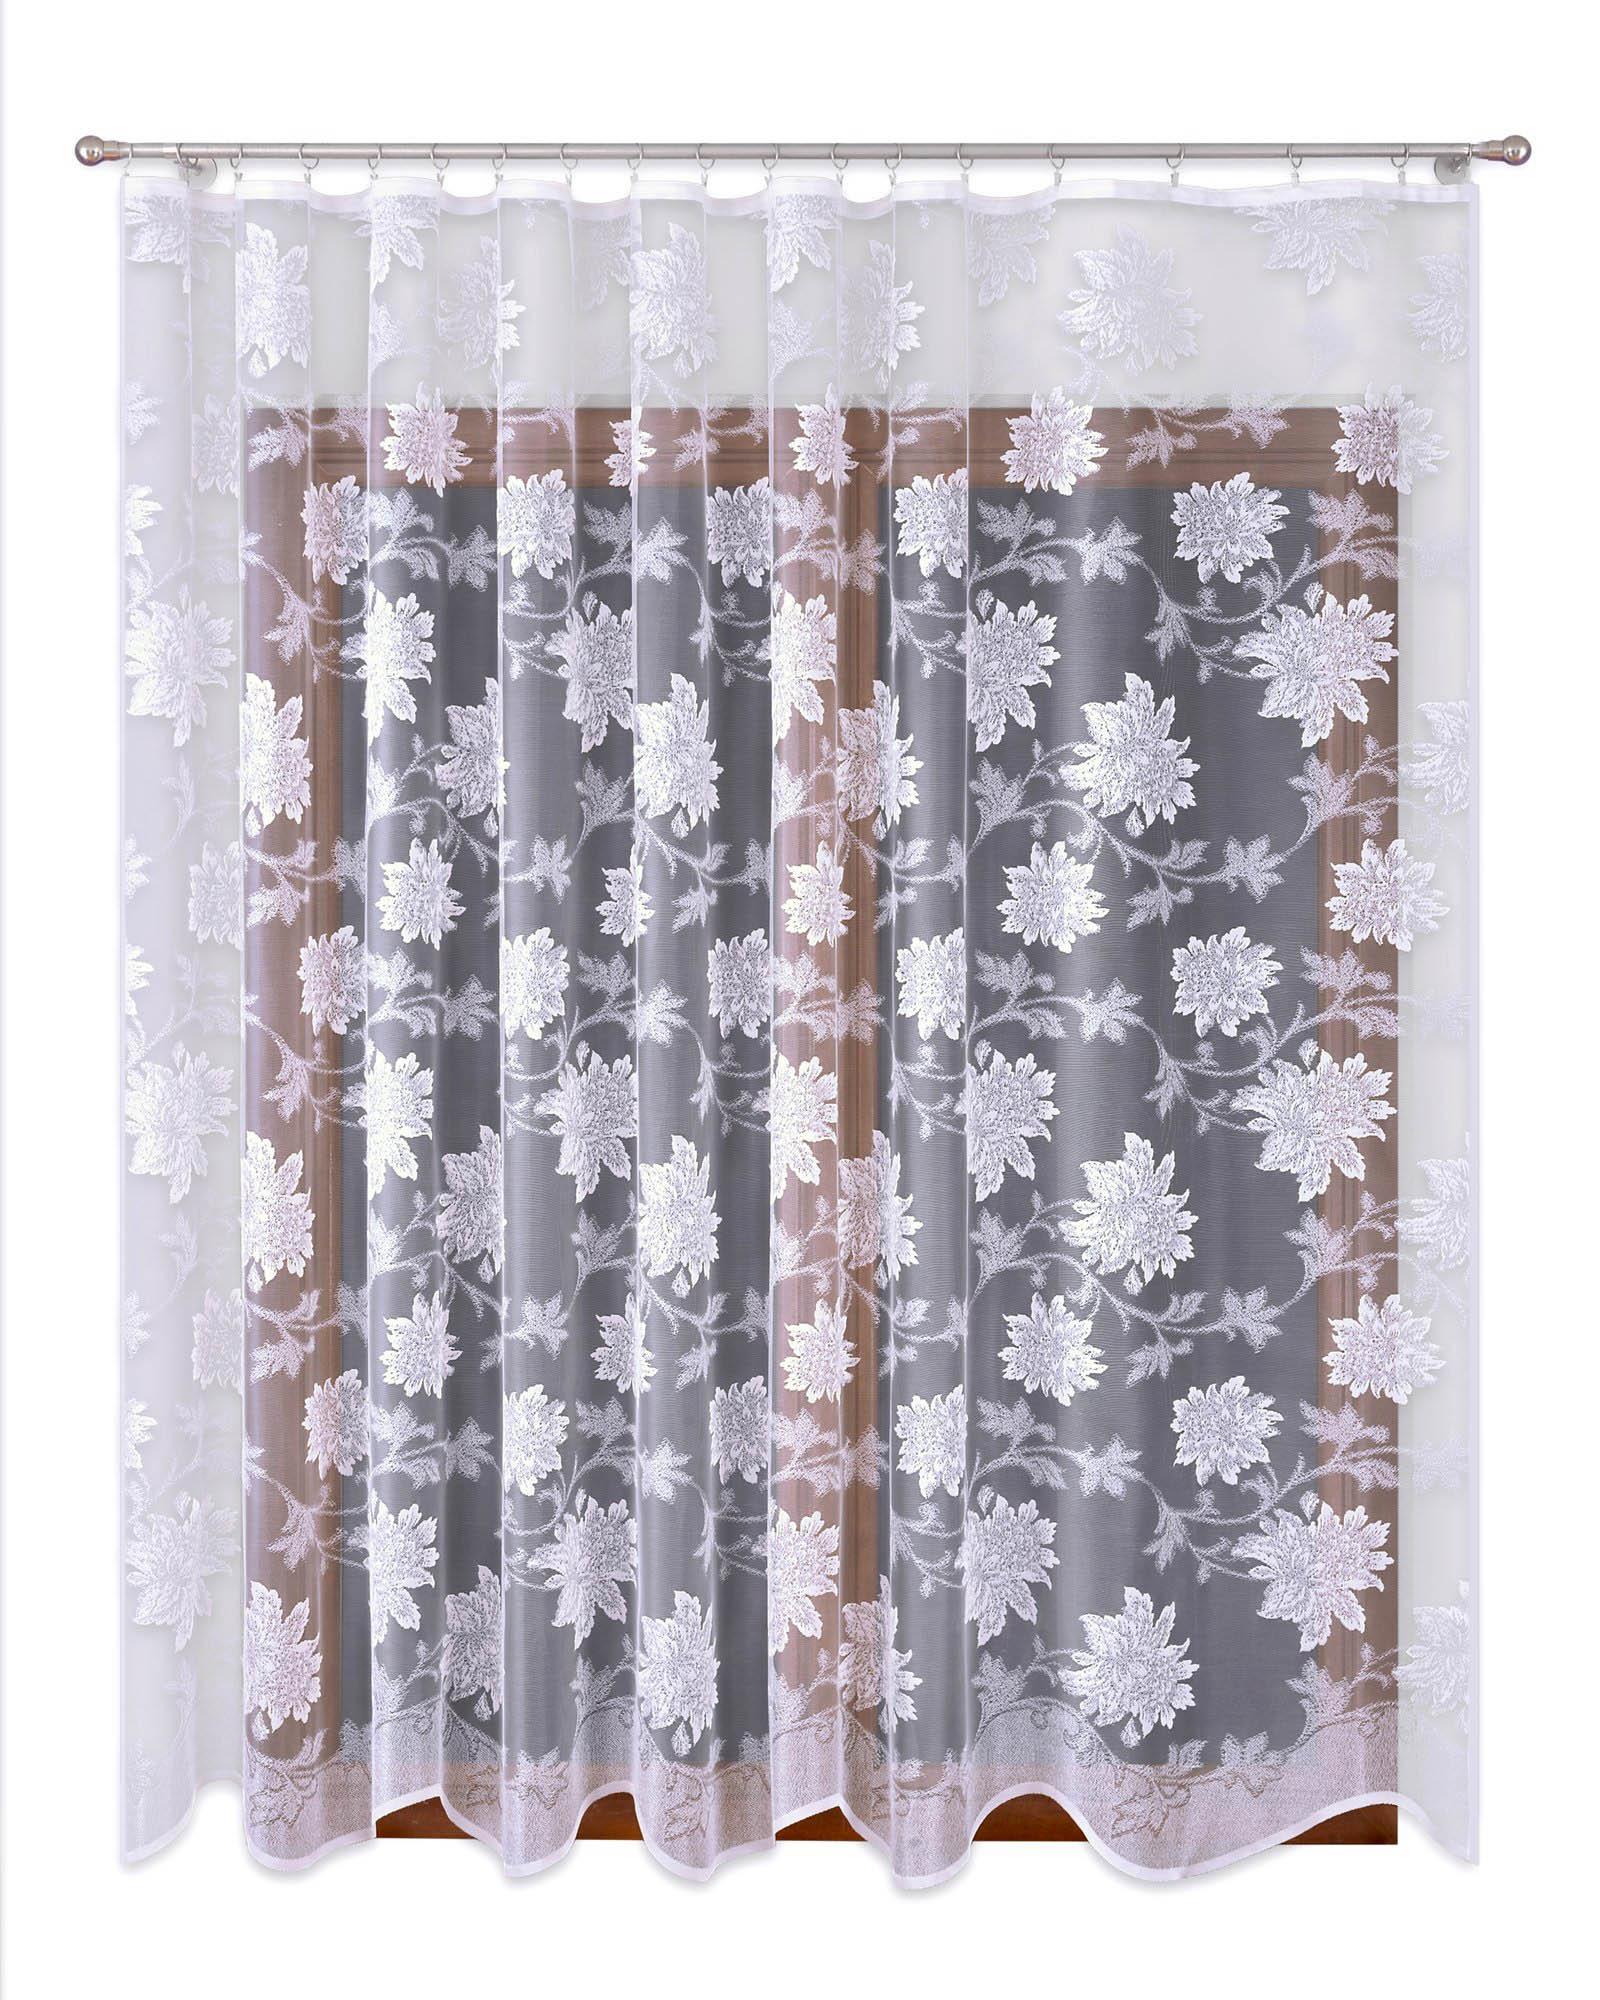 Шторы Primavera Классические шторы Kaylynn Цвет: Белый шторы primavera классические шторы caroline цвет сиреневый